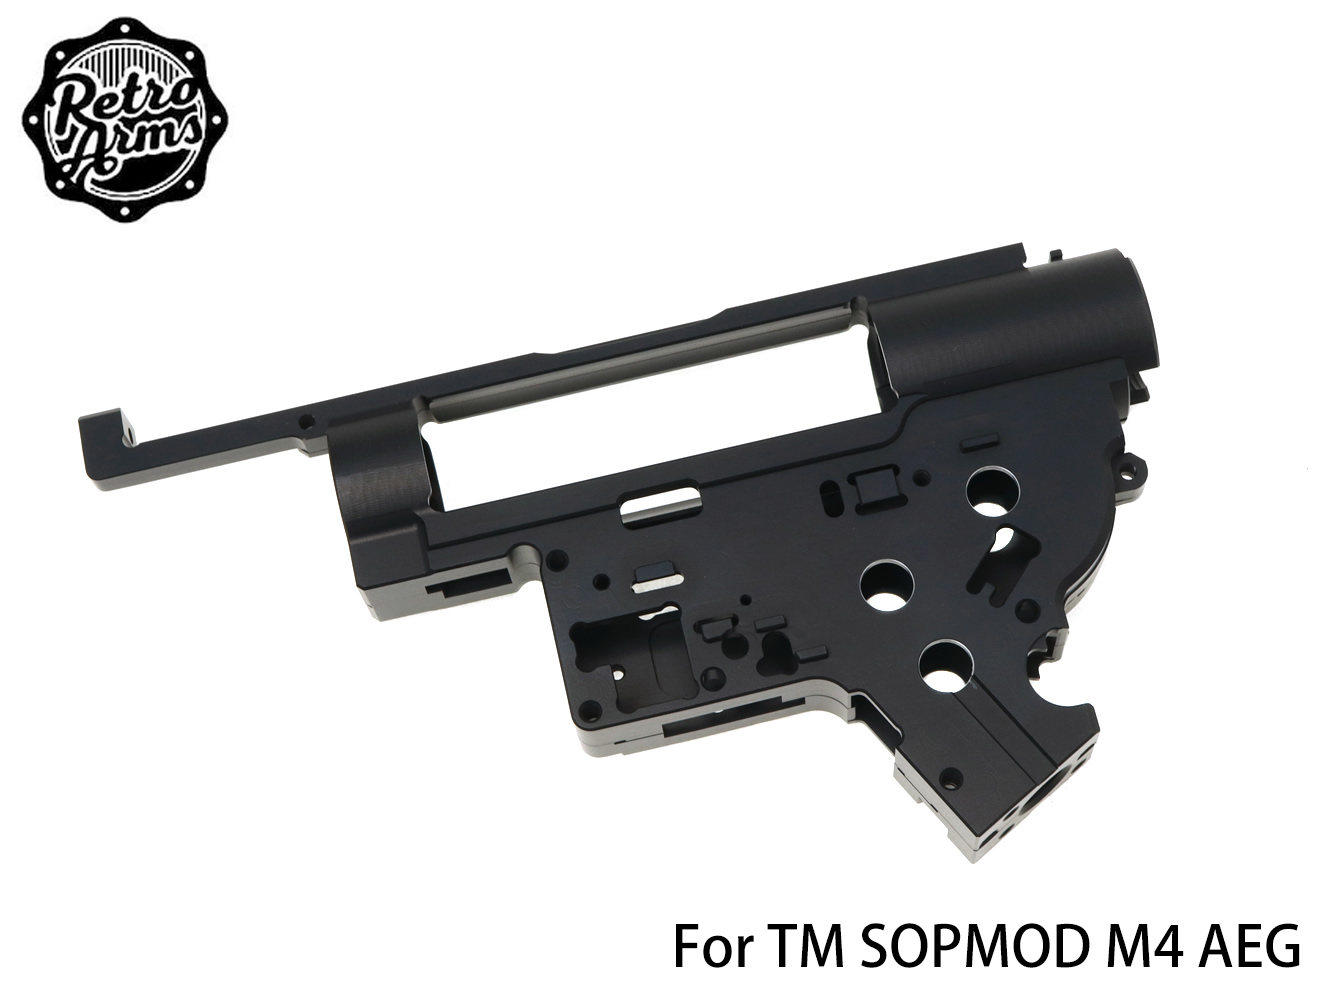 【送料無料】RETRO ARMS CNC メカボックスSOPMOD M4 8mm JP Ver◆東京マルイ/次世代電動ガン/強化メカボックス/ジュラルミン